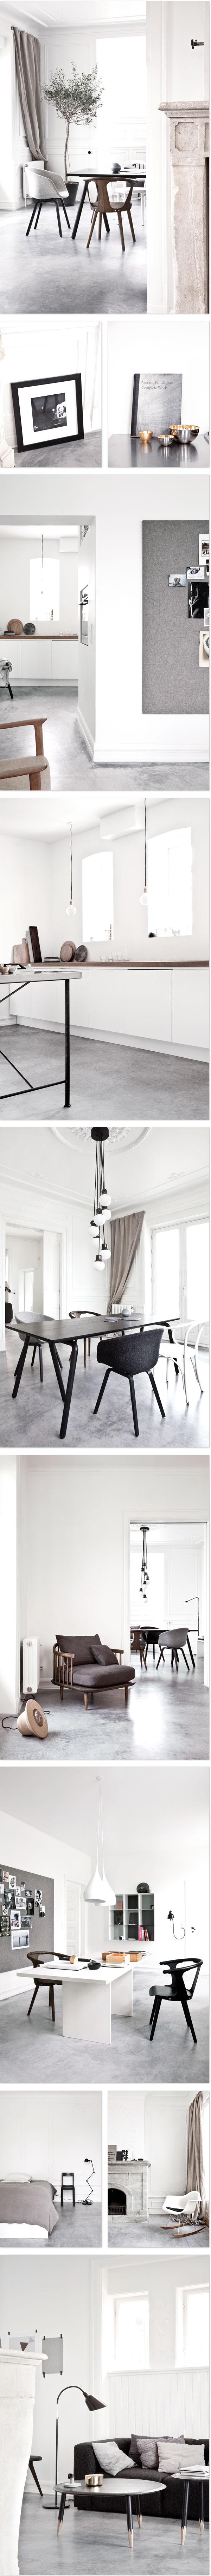 Vedbaek_House_IV_Norm_designhaus_no9_2